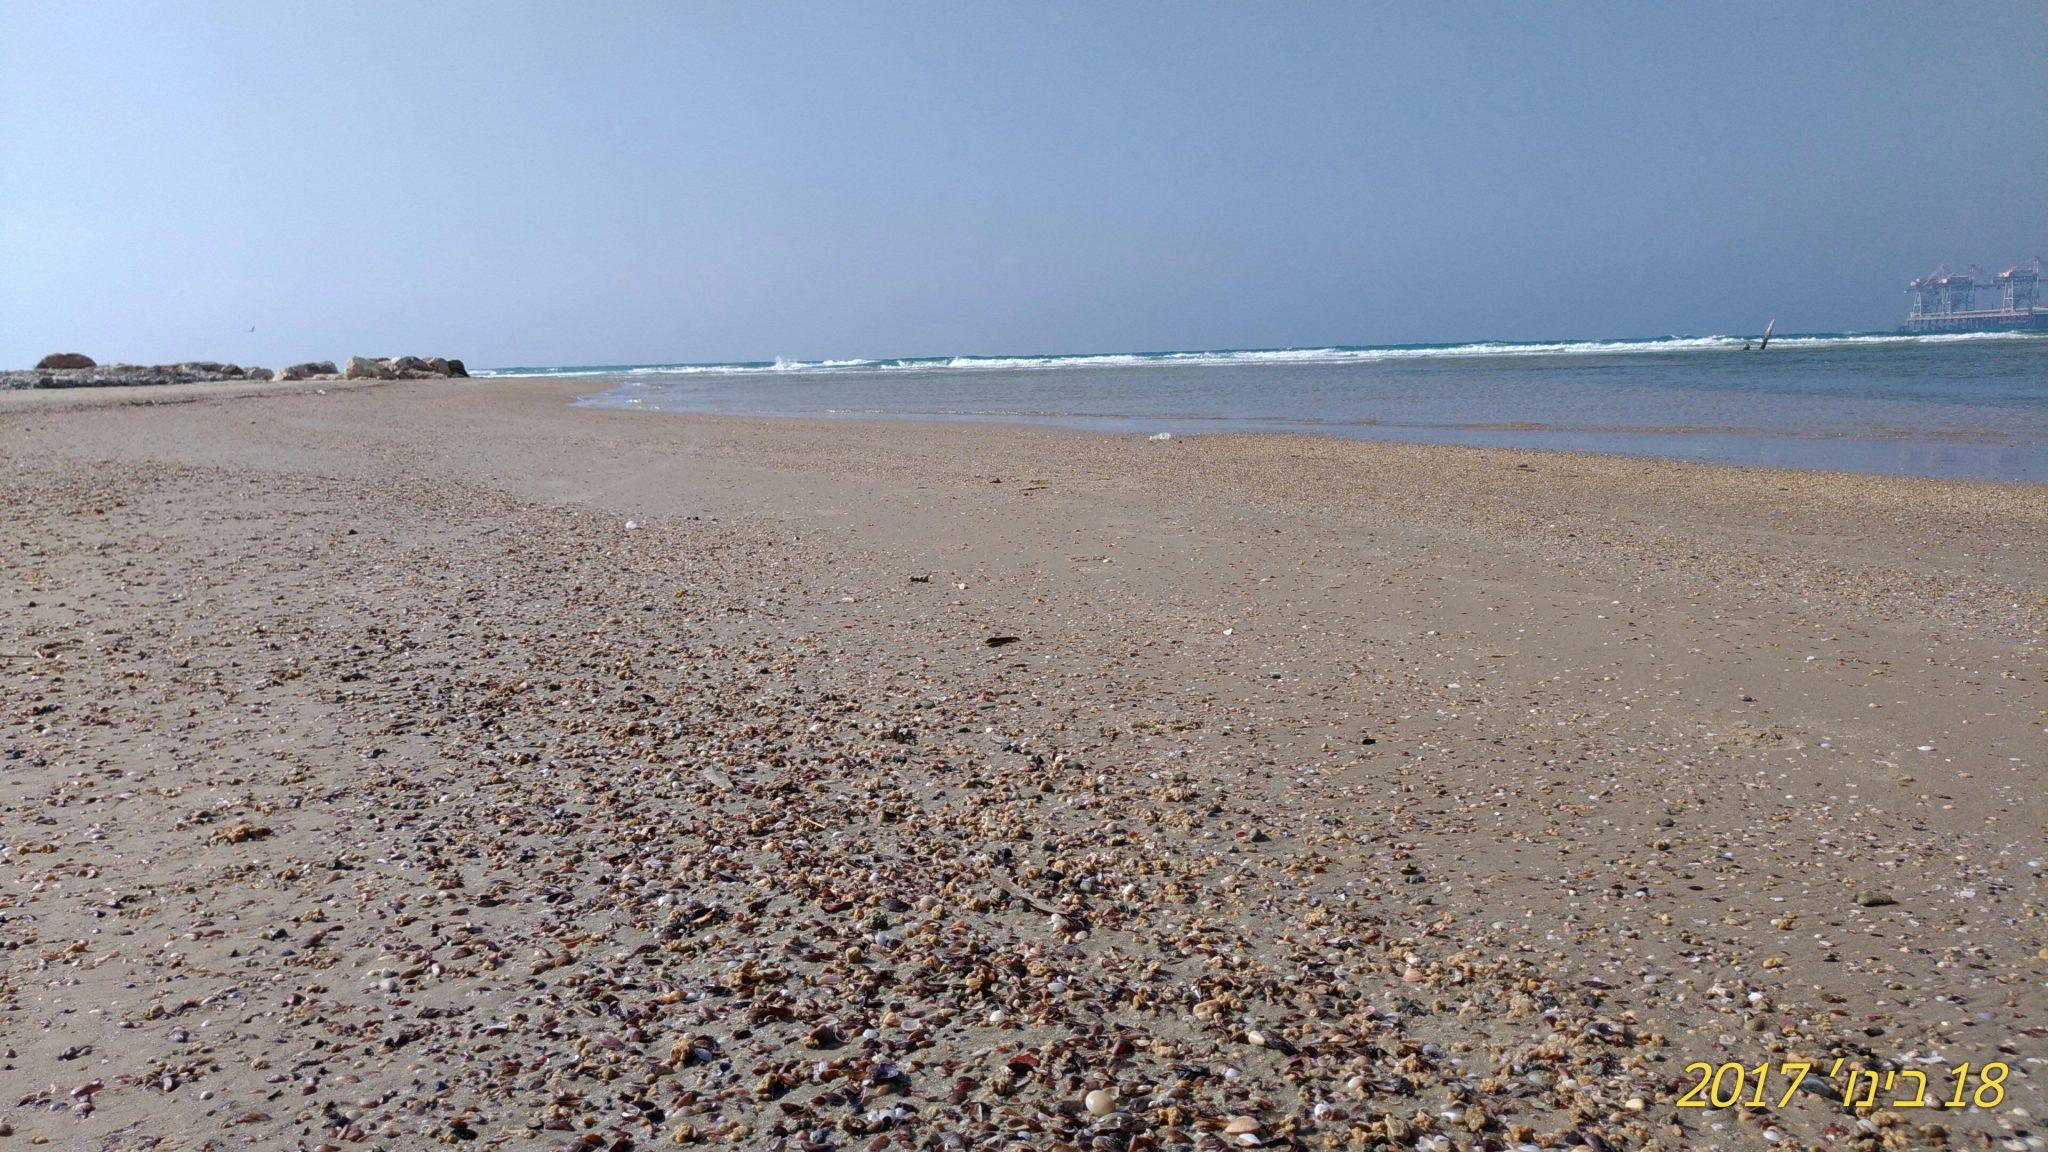 צדפים וצדפות על חוף טיילת נחל חדרה